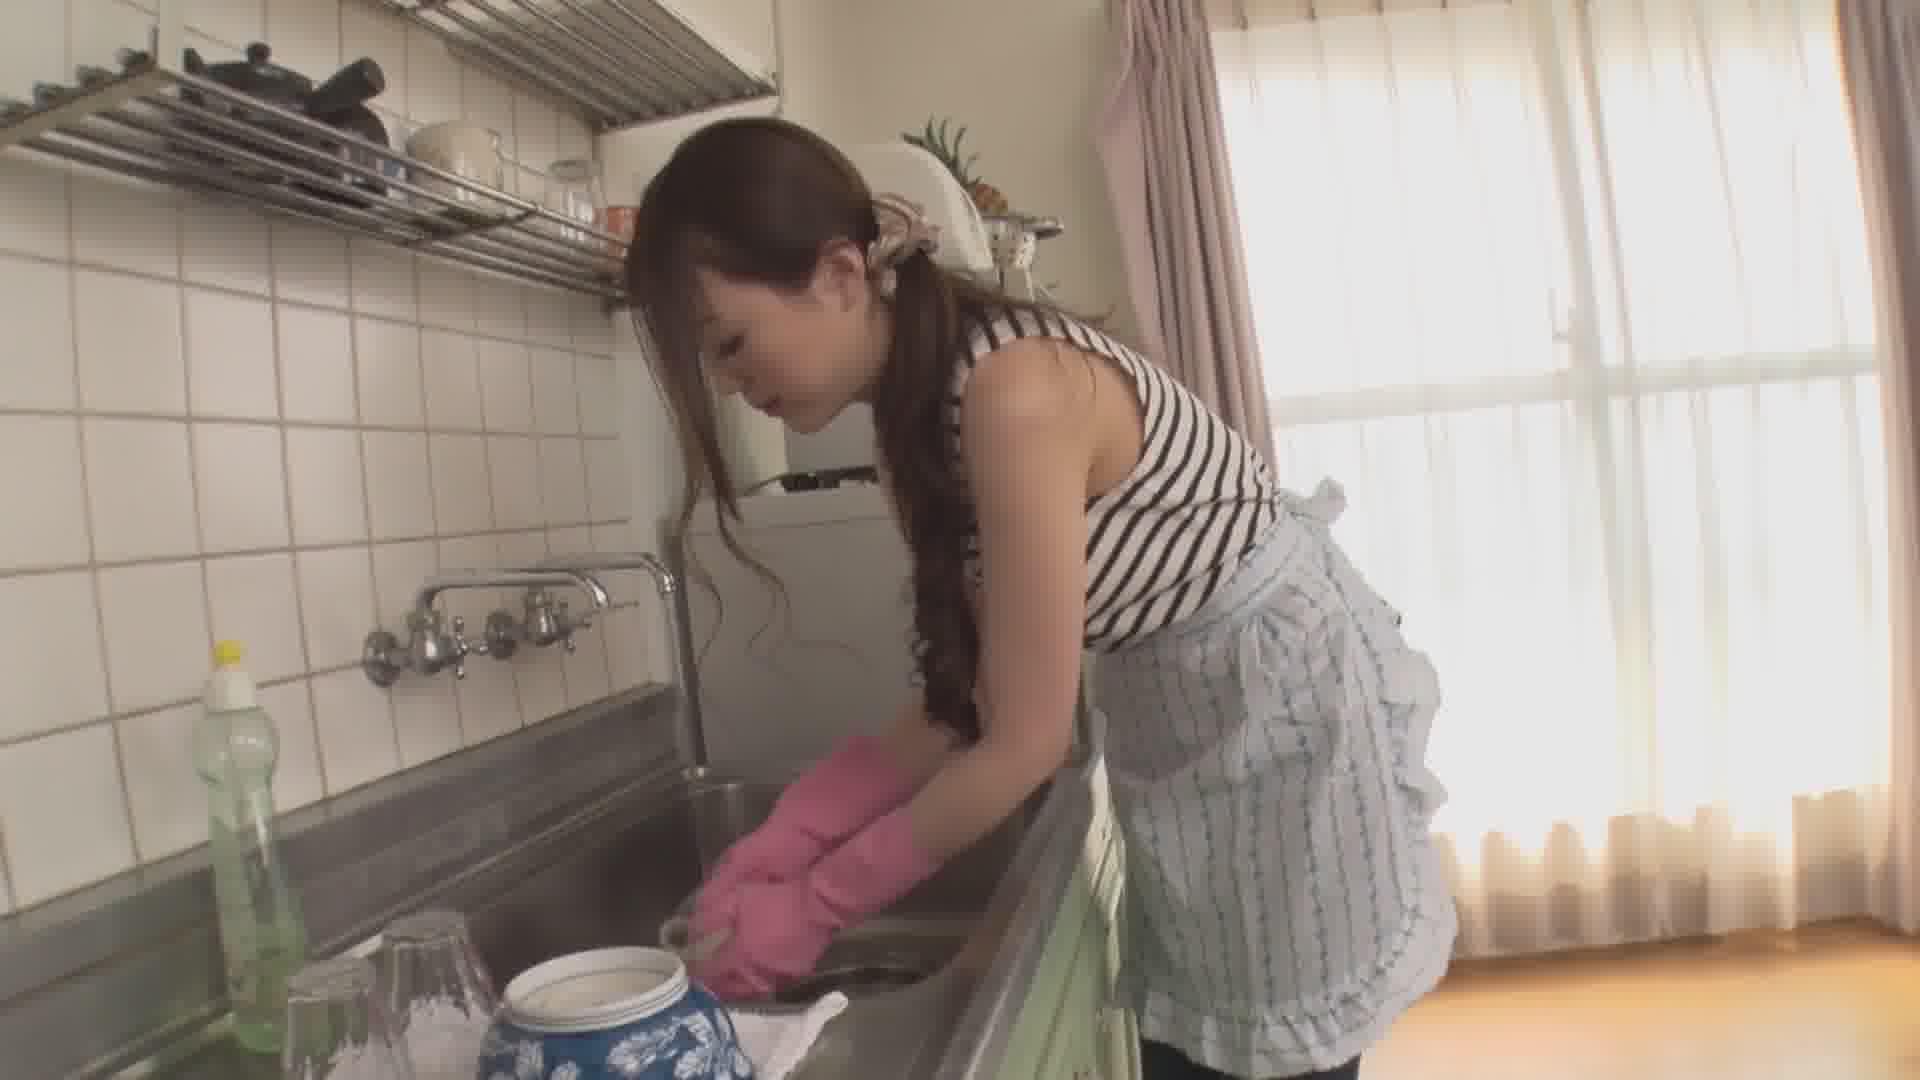 美人家政婦のピタパン ~触っていいなんて言ってないのに…~ - 古瀬玲【パイパン・クンニ・中出し】